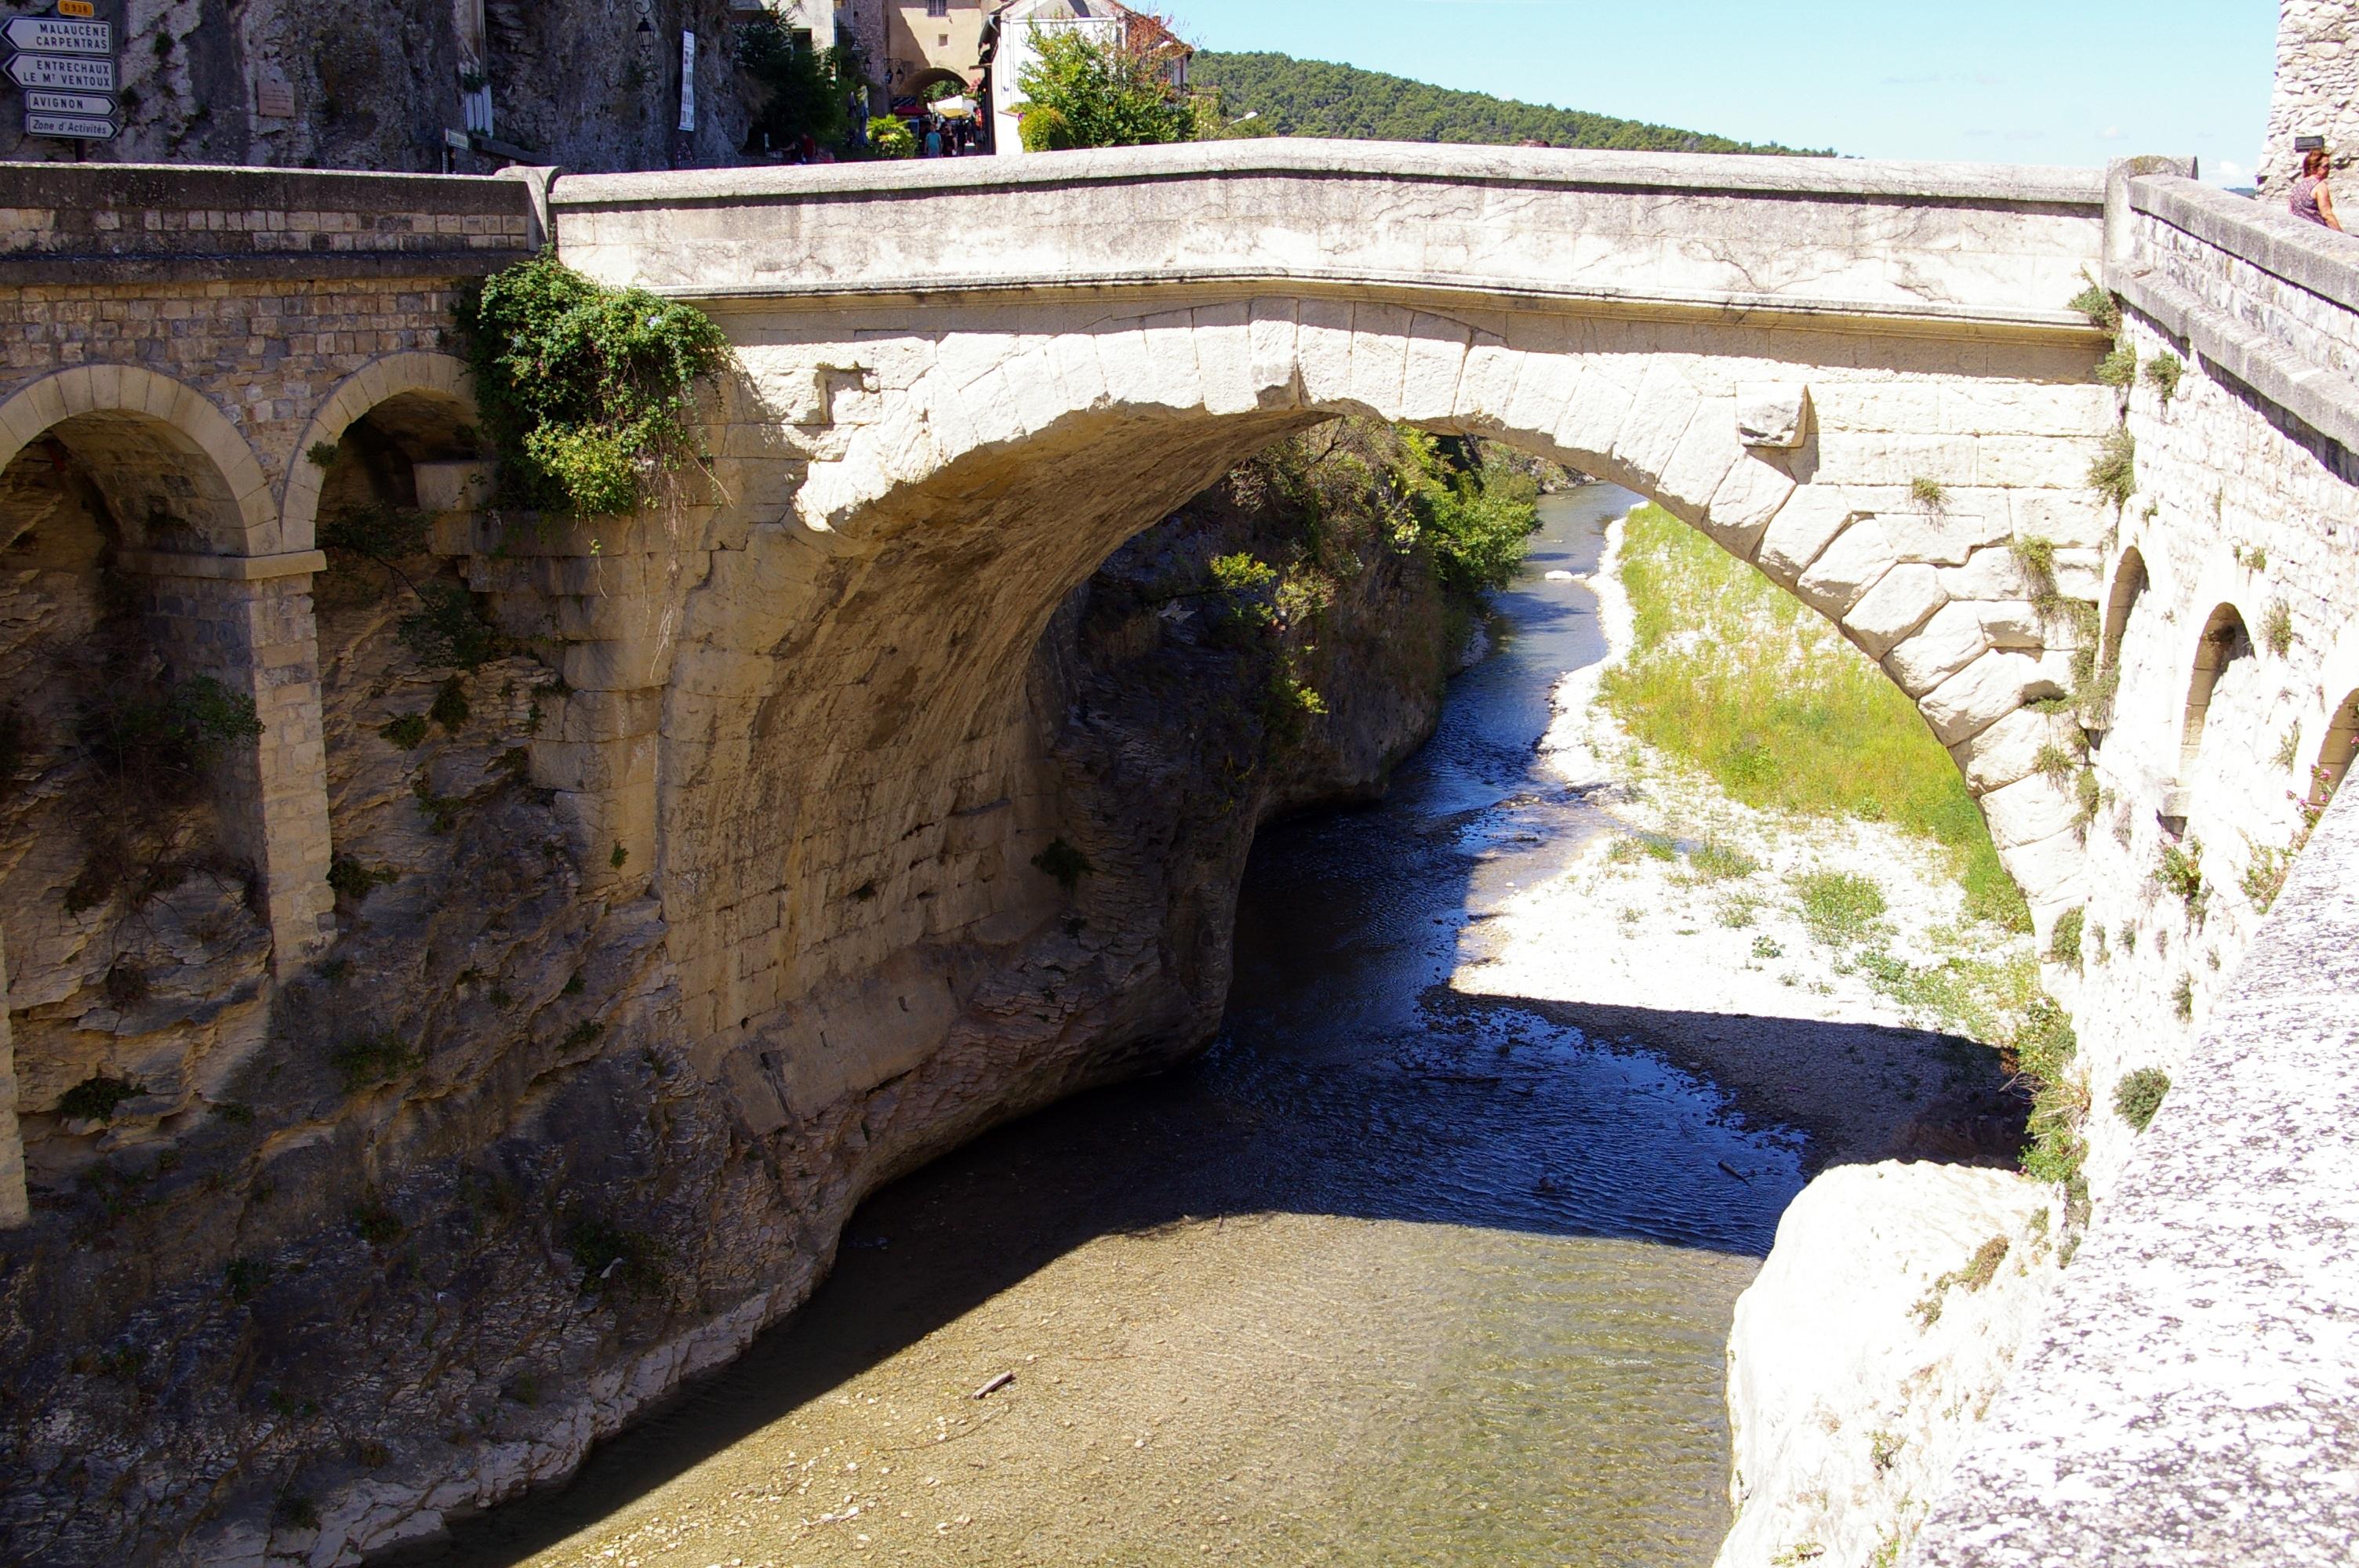 Banc En Pierre Ancien dedans images gratuites : paysage, architecture, pont, banc, antique